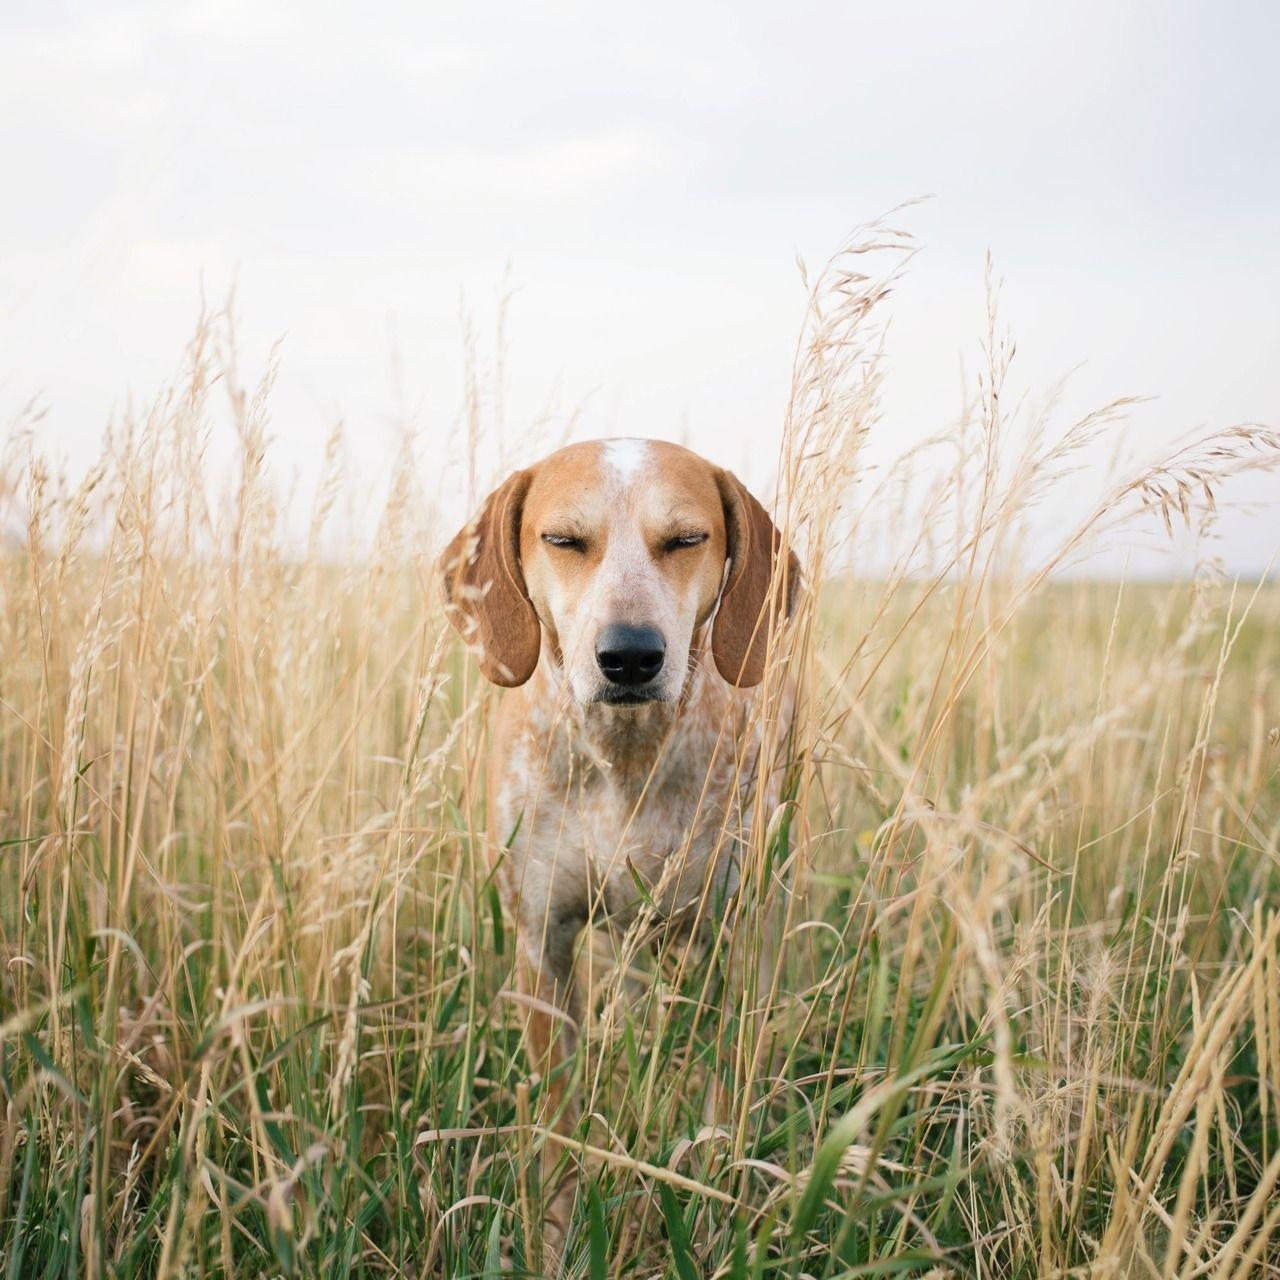 Komische Hunde Bilder Für Facebook - Komische Hunde Bilder Für Facebook